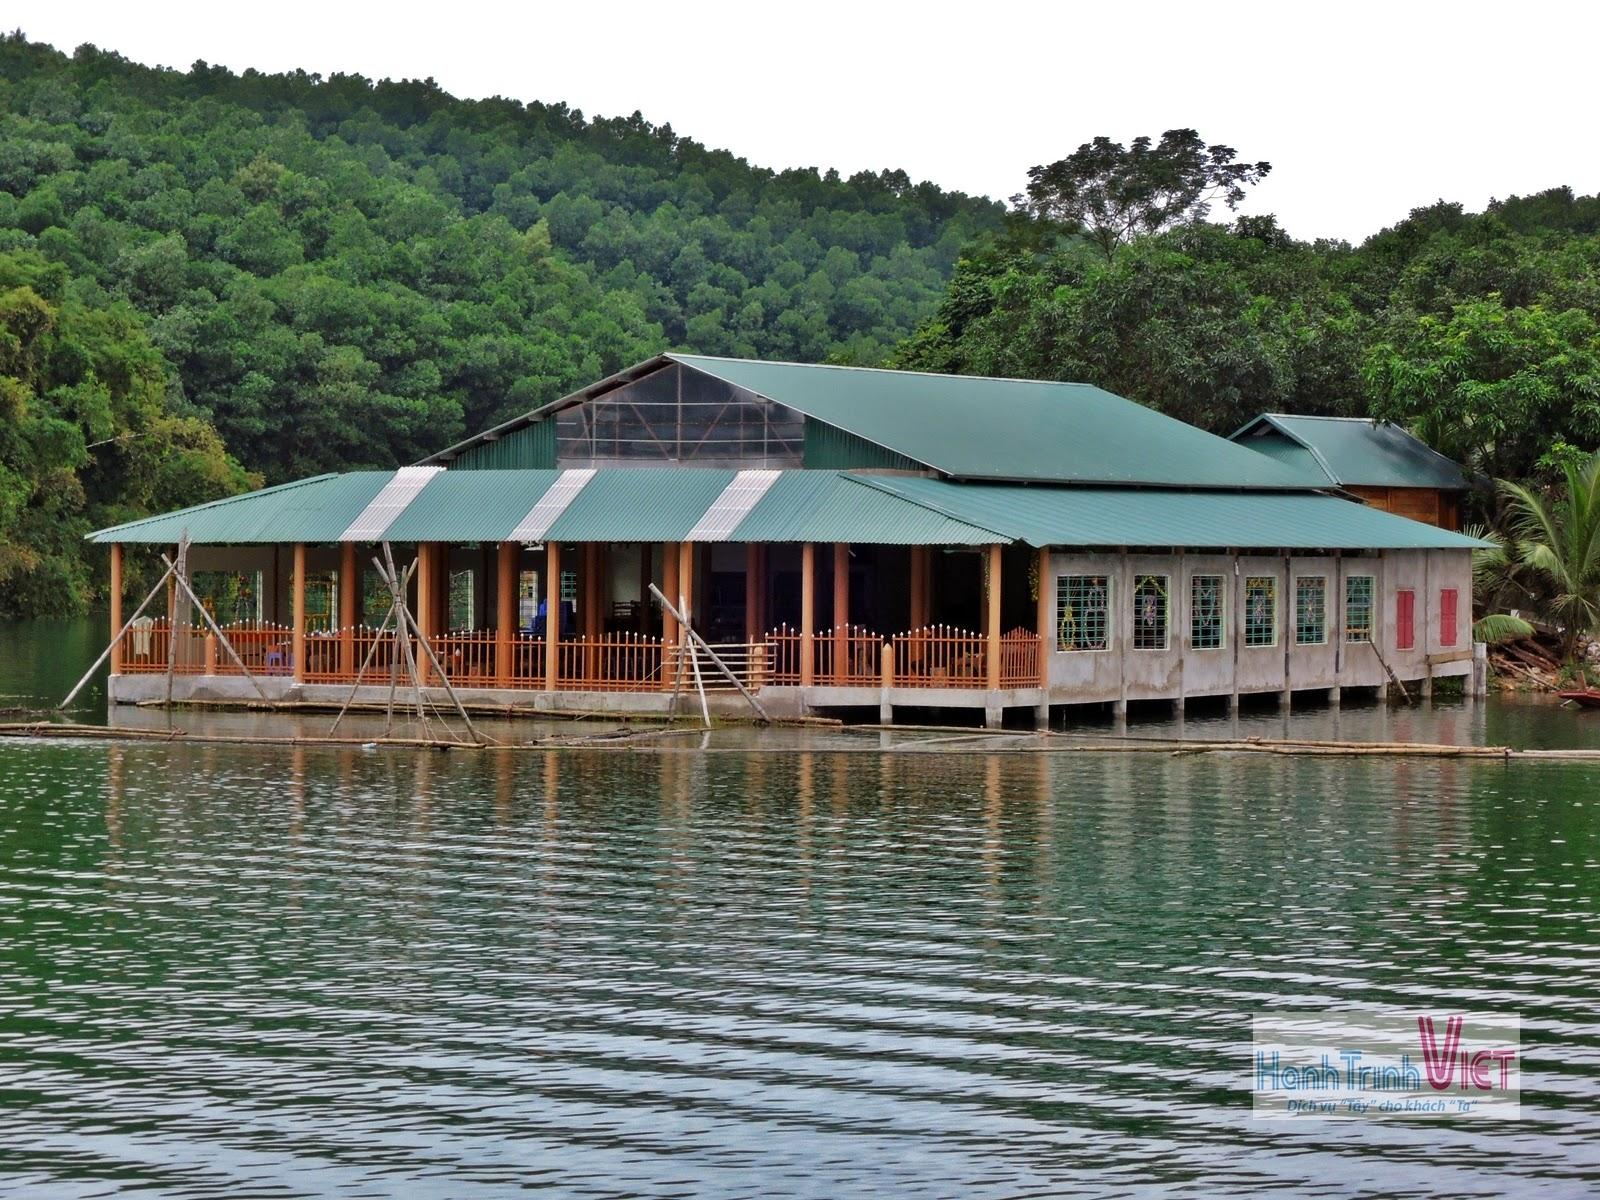 Du lịch đến Đảo Dừa trên Hồ Thung Nai, Hòa Bình